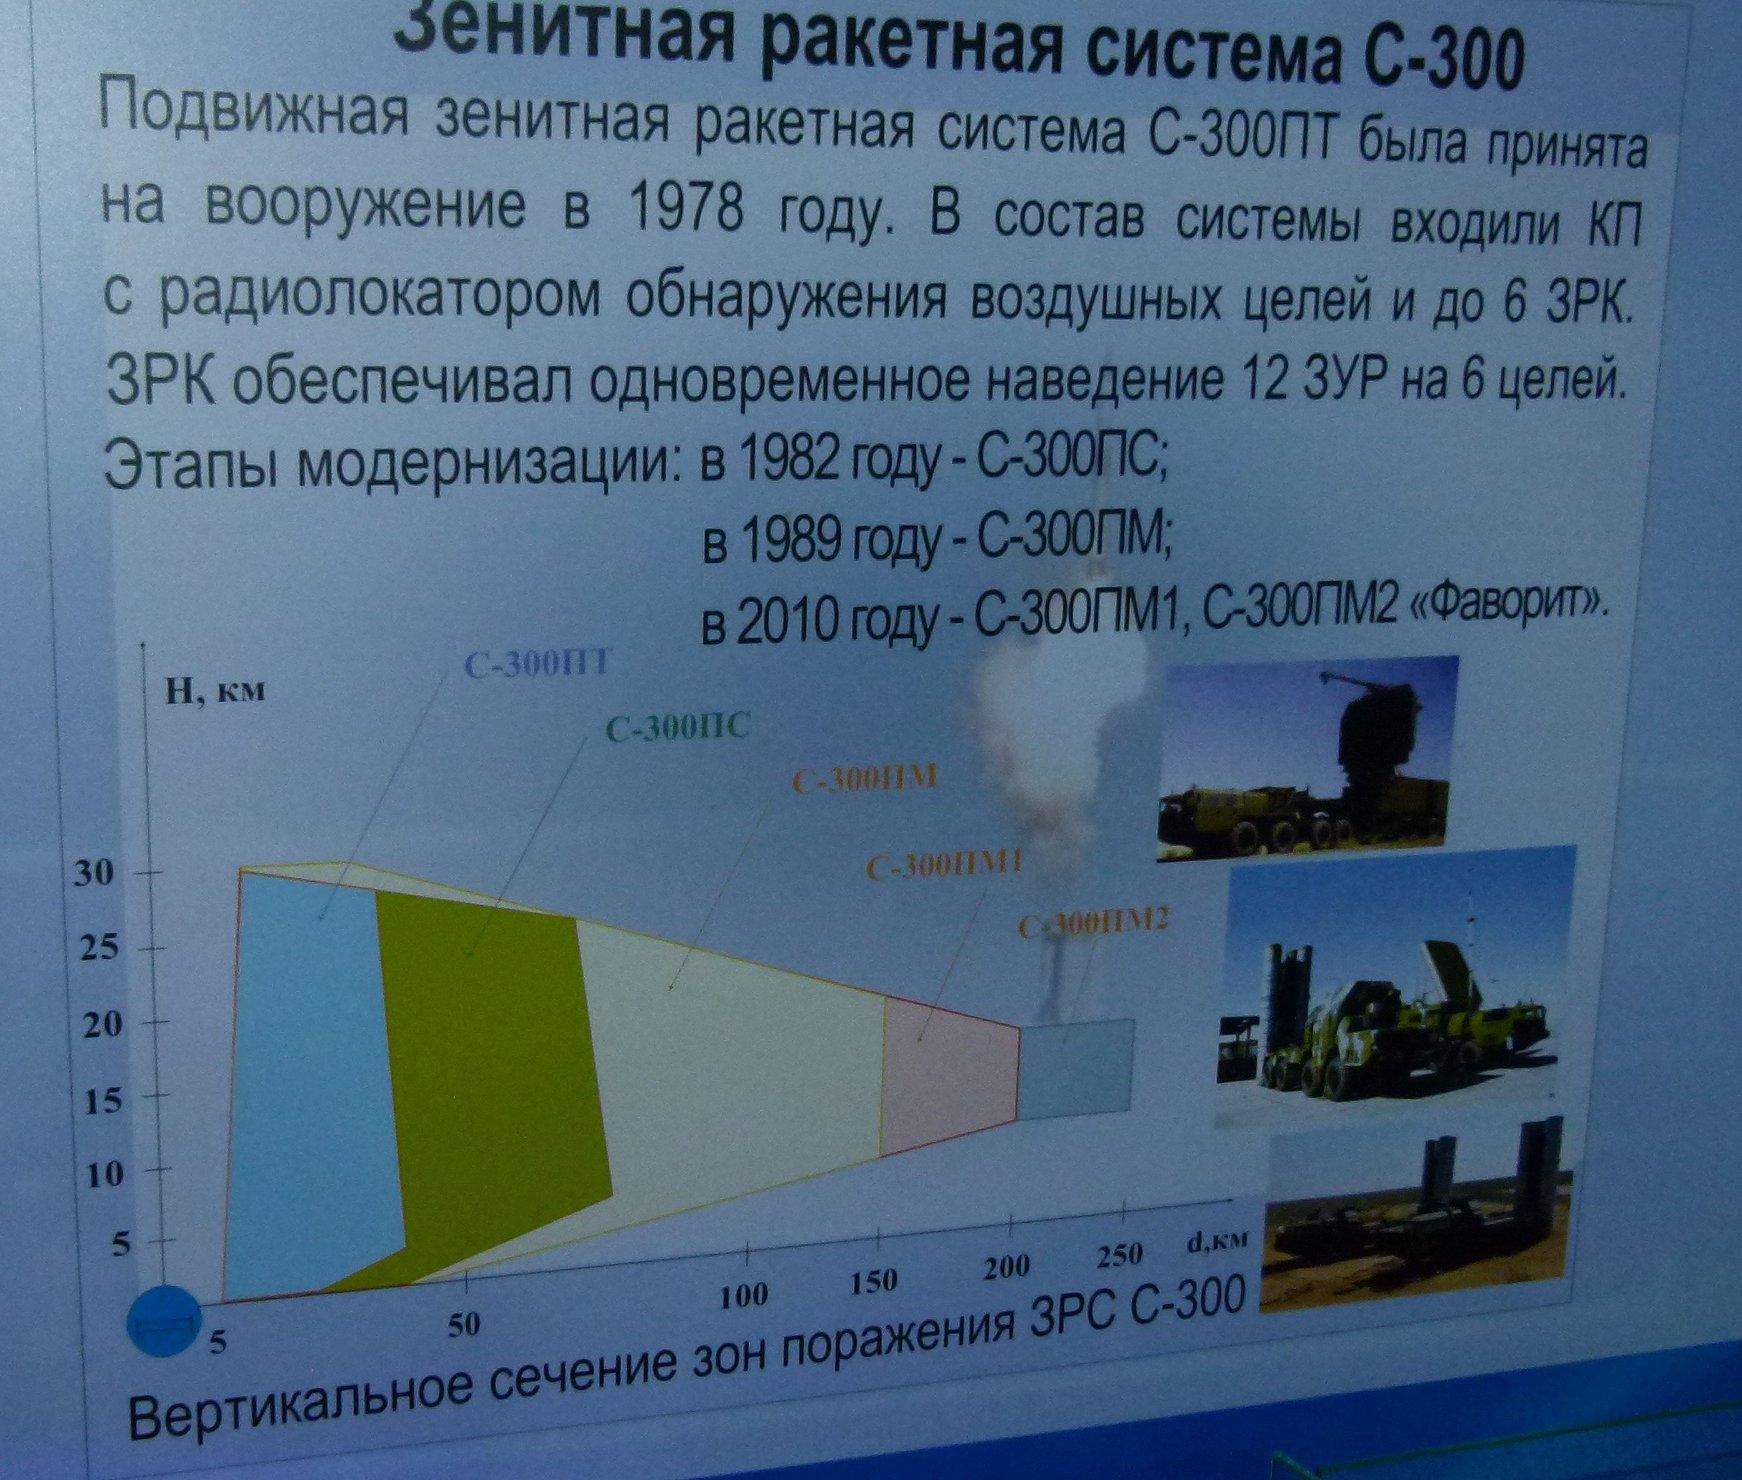 http://s3.uploads.ru/U9Cc4.jpg